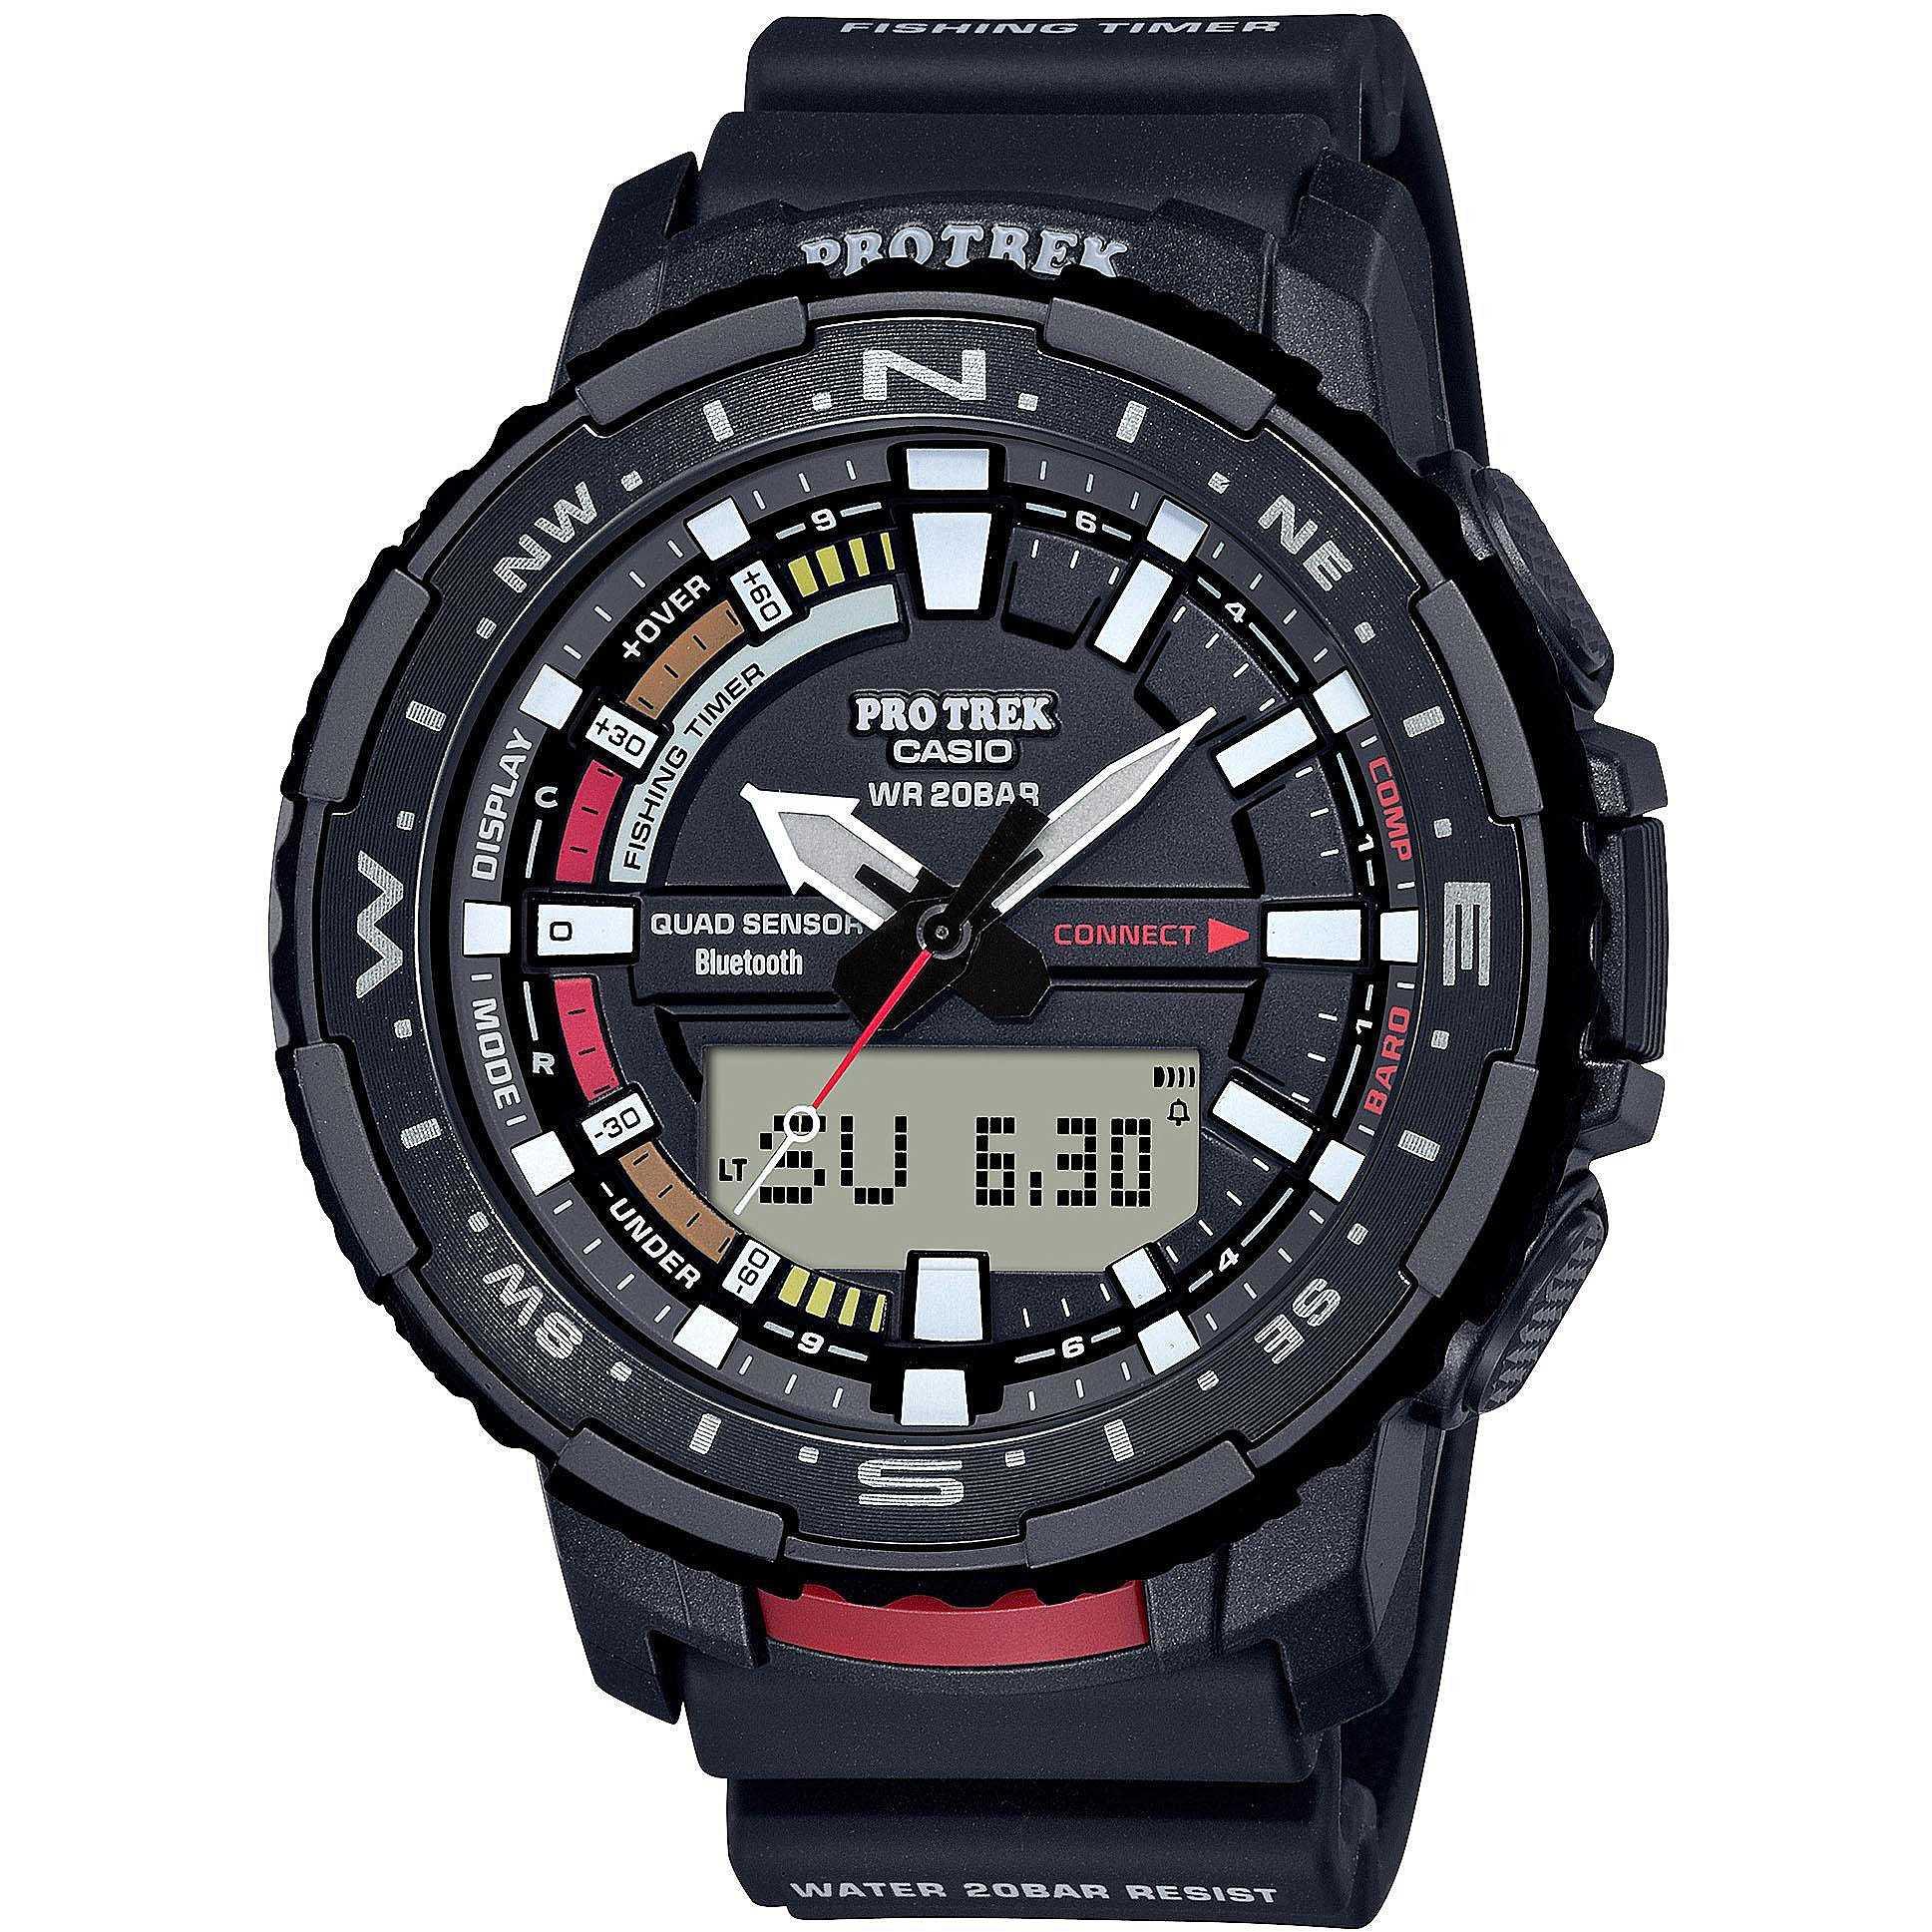 Casio orologio multifunzione uomo Casio PRO-TREK